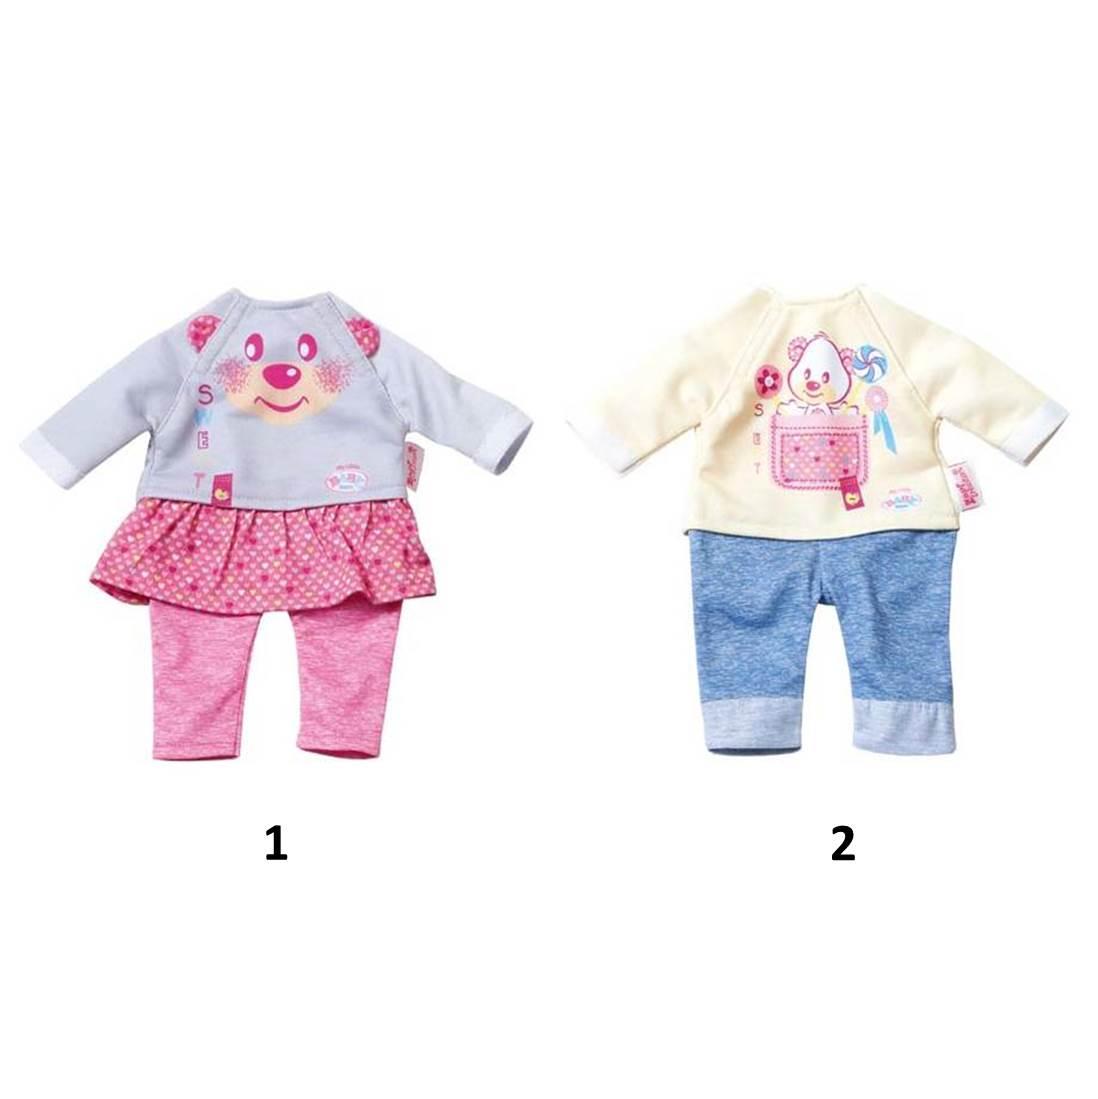 Одежда для дома куклам из серии Baby born размером 32 см., 2 вида, с вешалкойОдежда Baby Born <br>Одежда для дома куклам из серии Baby born размером 32 см., 2 вида, с вешалкой<br>